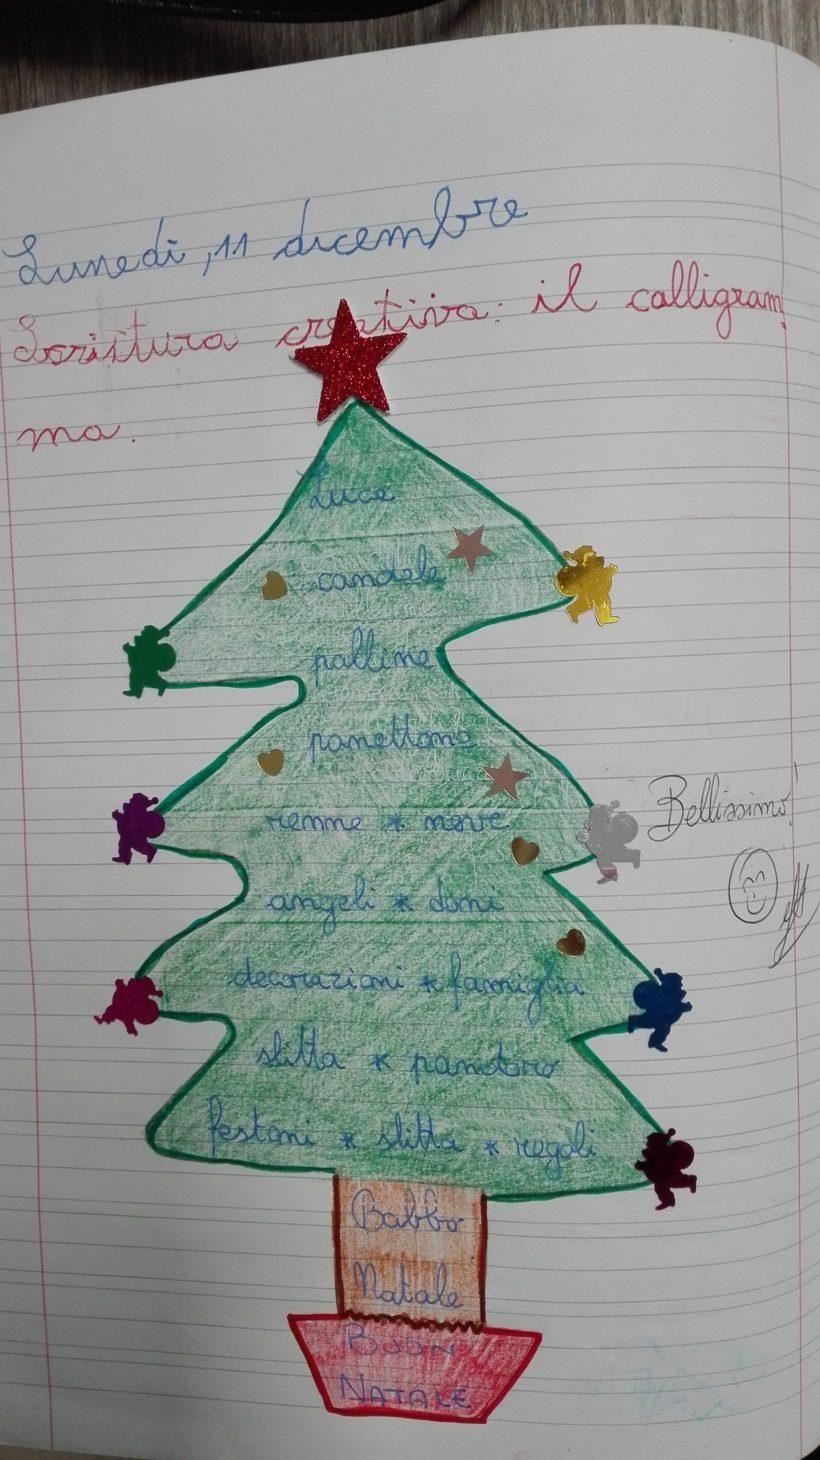 Poesie Di Natale In Rima Baciata.Testo Fantastico Calligramma Sul Natale Terza Maestra Anita